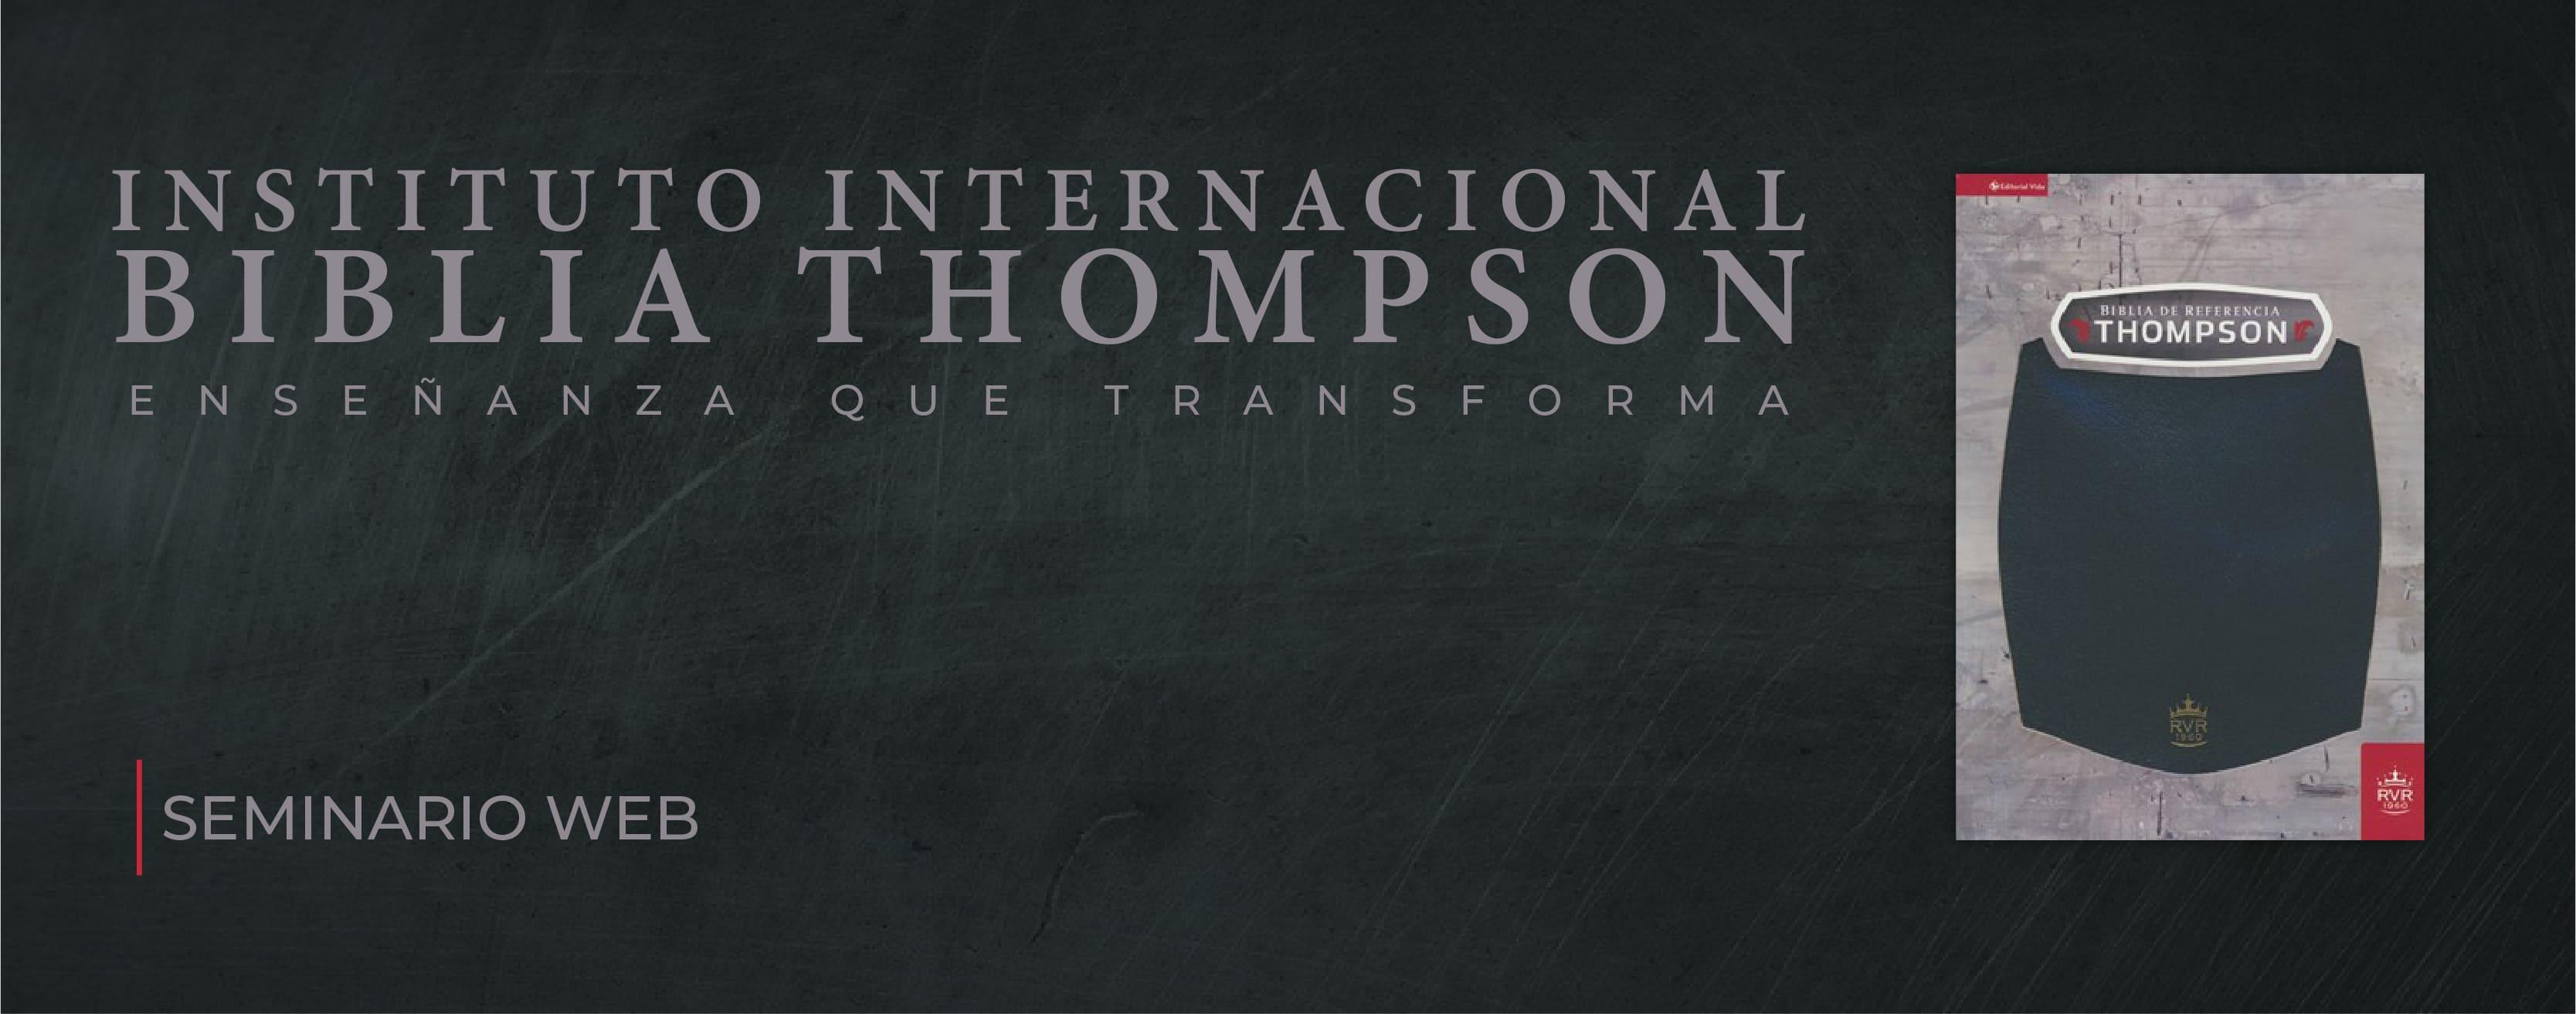 Seminario Virtual del Instituto de la Biblia Thompson